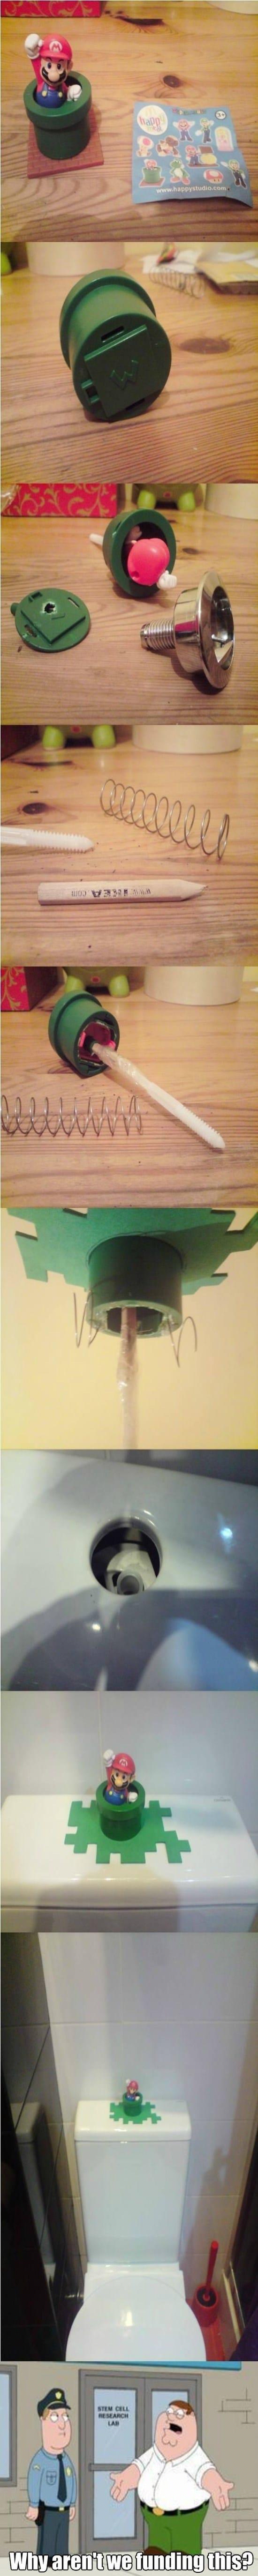 magic-plumber